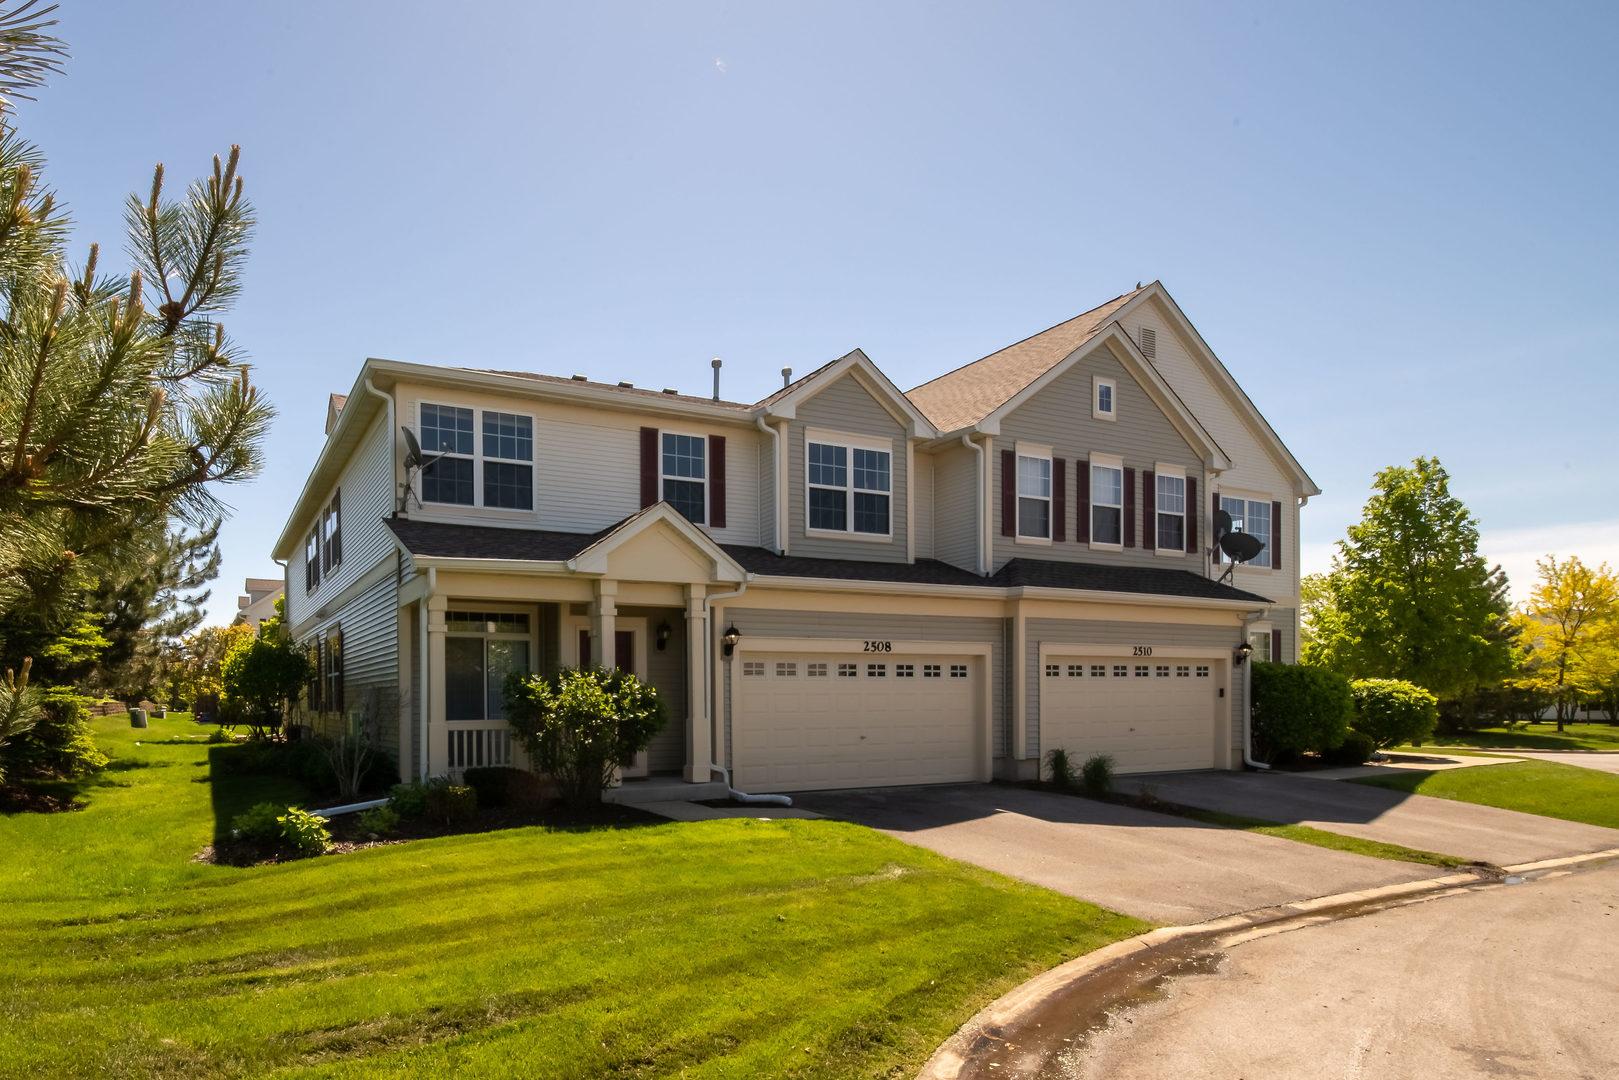 2508 Hillsboro, AURORA, Illinois, 60503